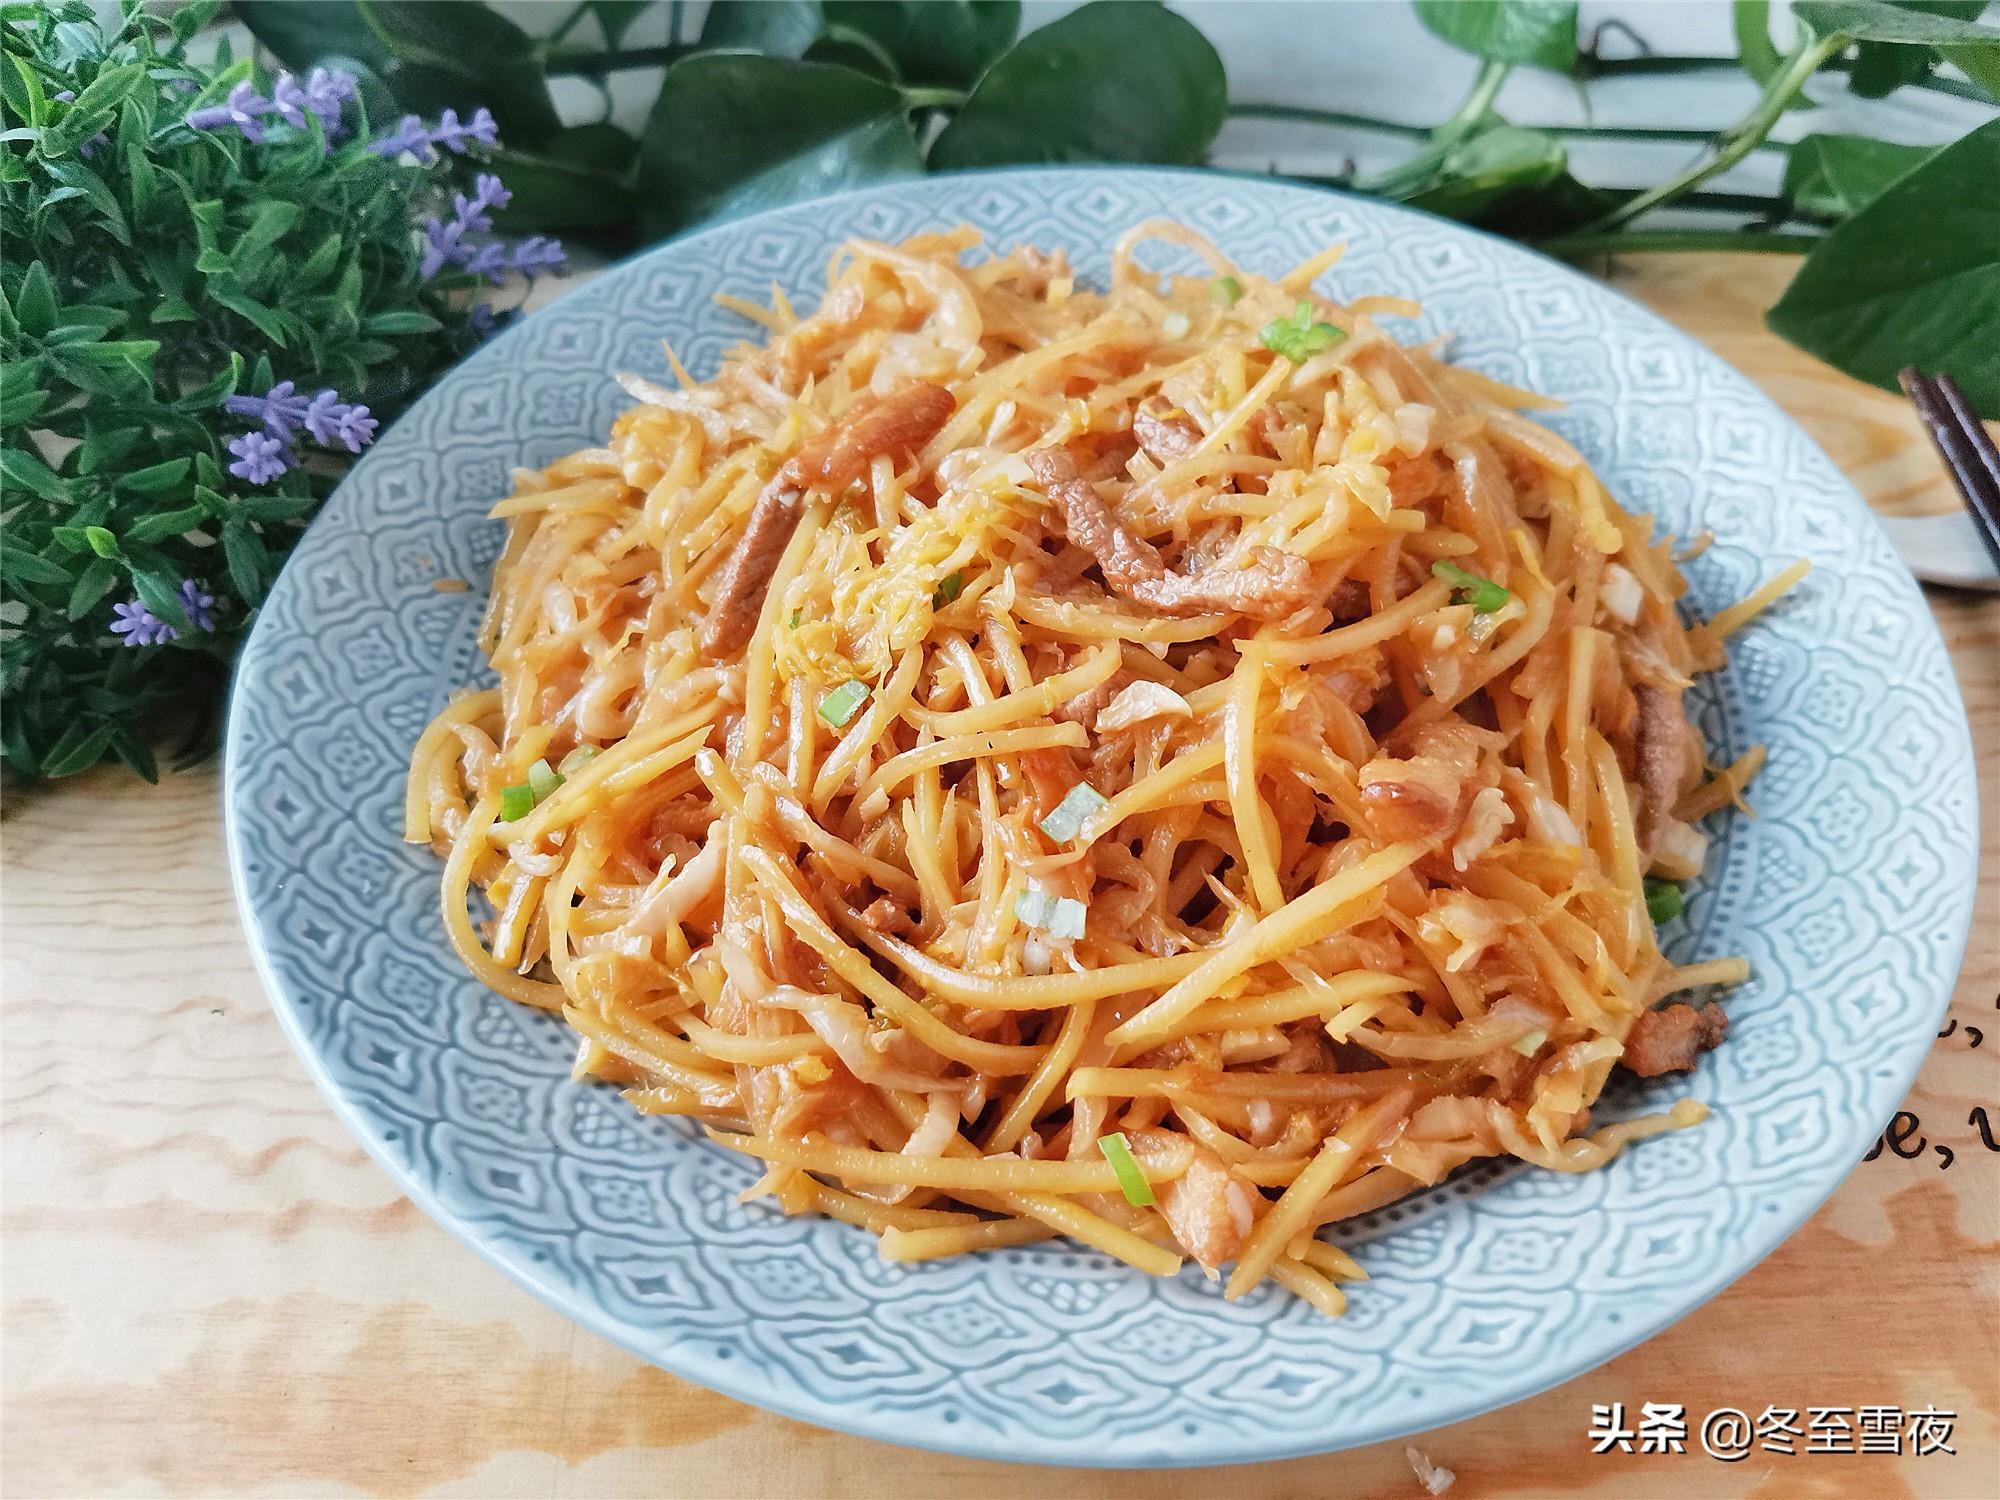 冬季,东北人最稀罕吃的14道家常菜,都是东北味儿,家常又好吃 东北菜谱 第6张